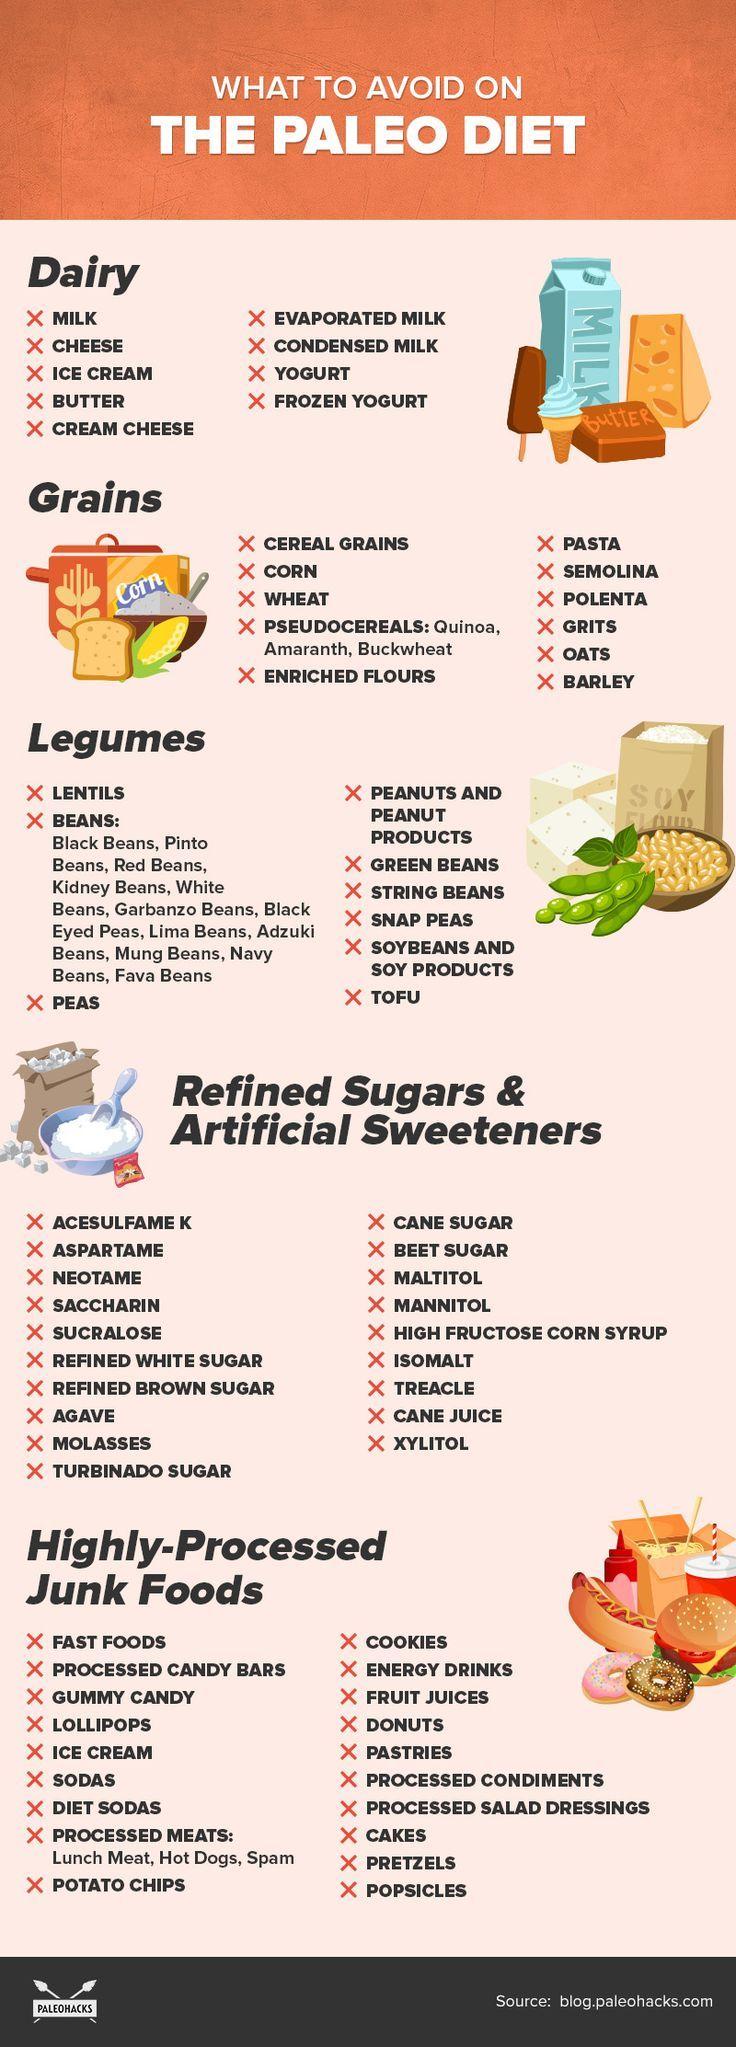 The Complete Paleo Diet Food List Paleo Diet Food List Keto Diet Food List Paleo Diet Recipes